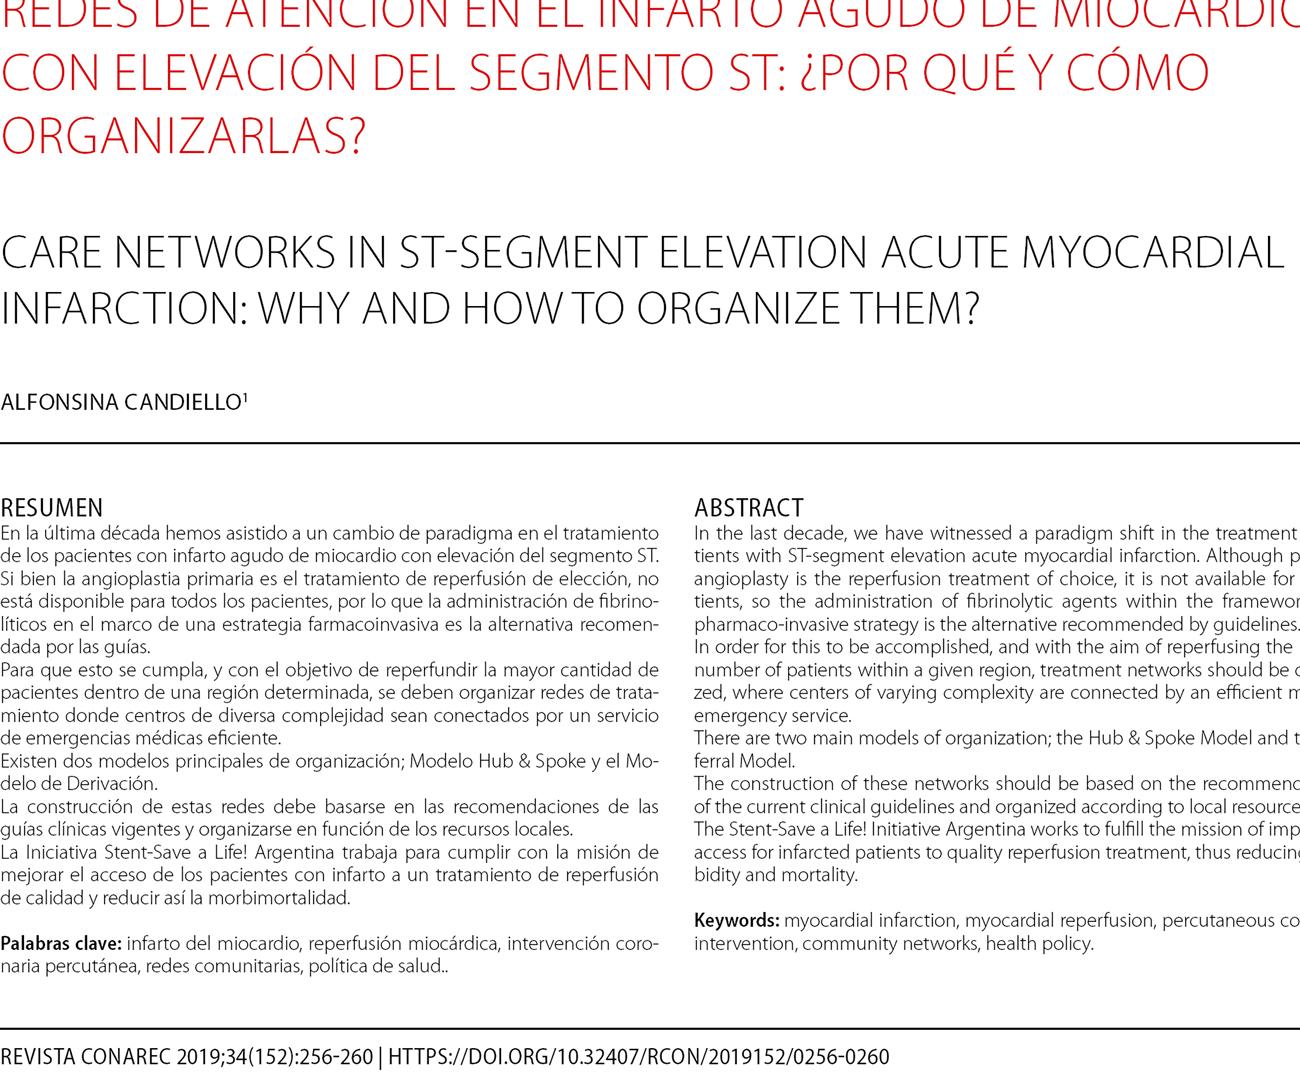 Redes de atención en el infarto agudo de miocardio con elevación del segmento ST: ¿por qué y cómo organizarlas?